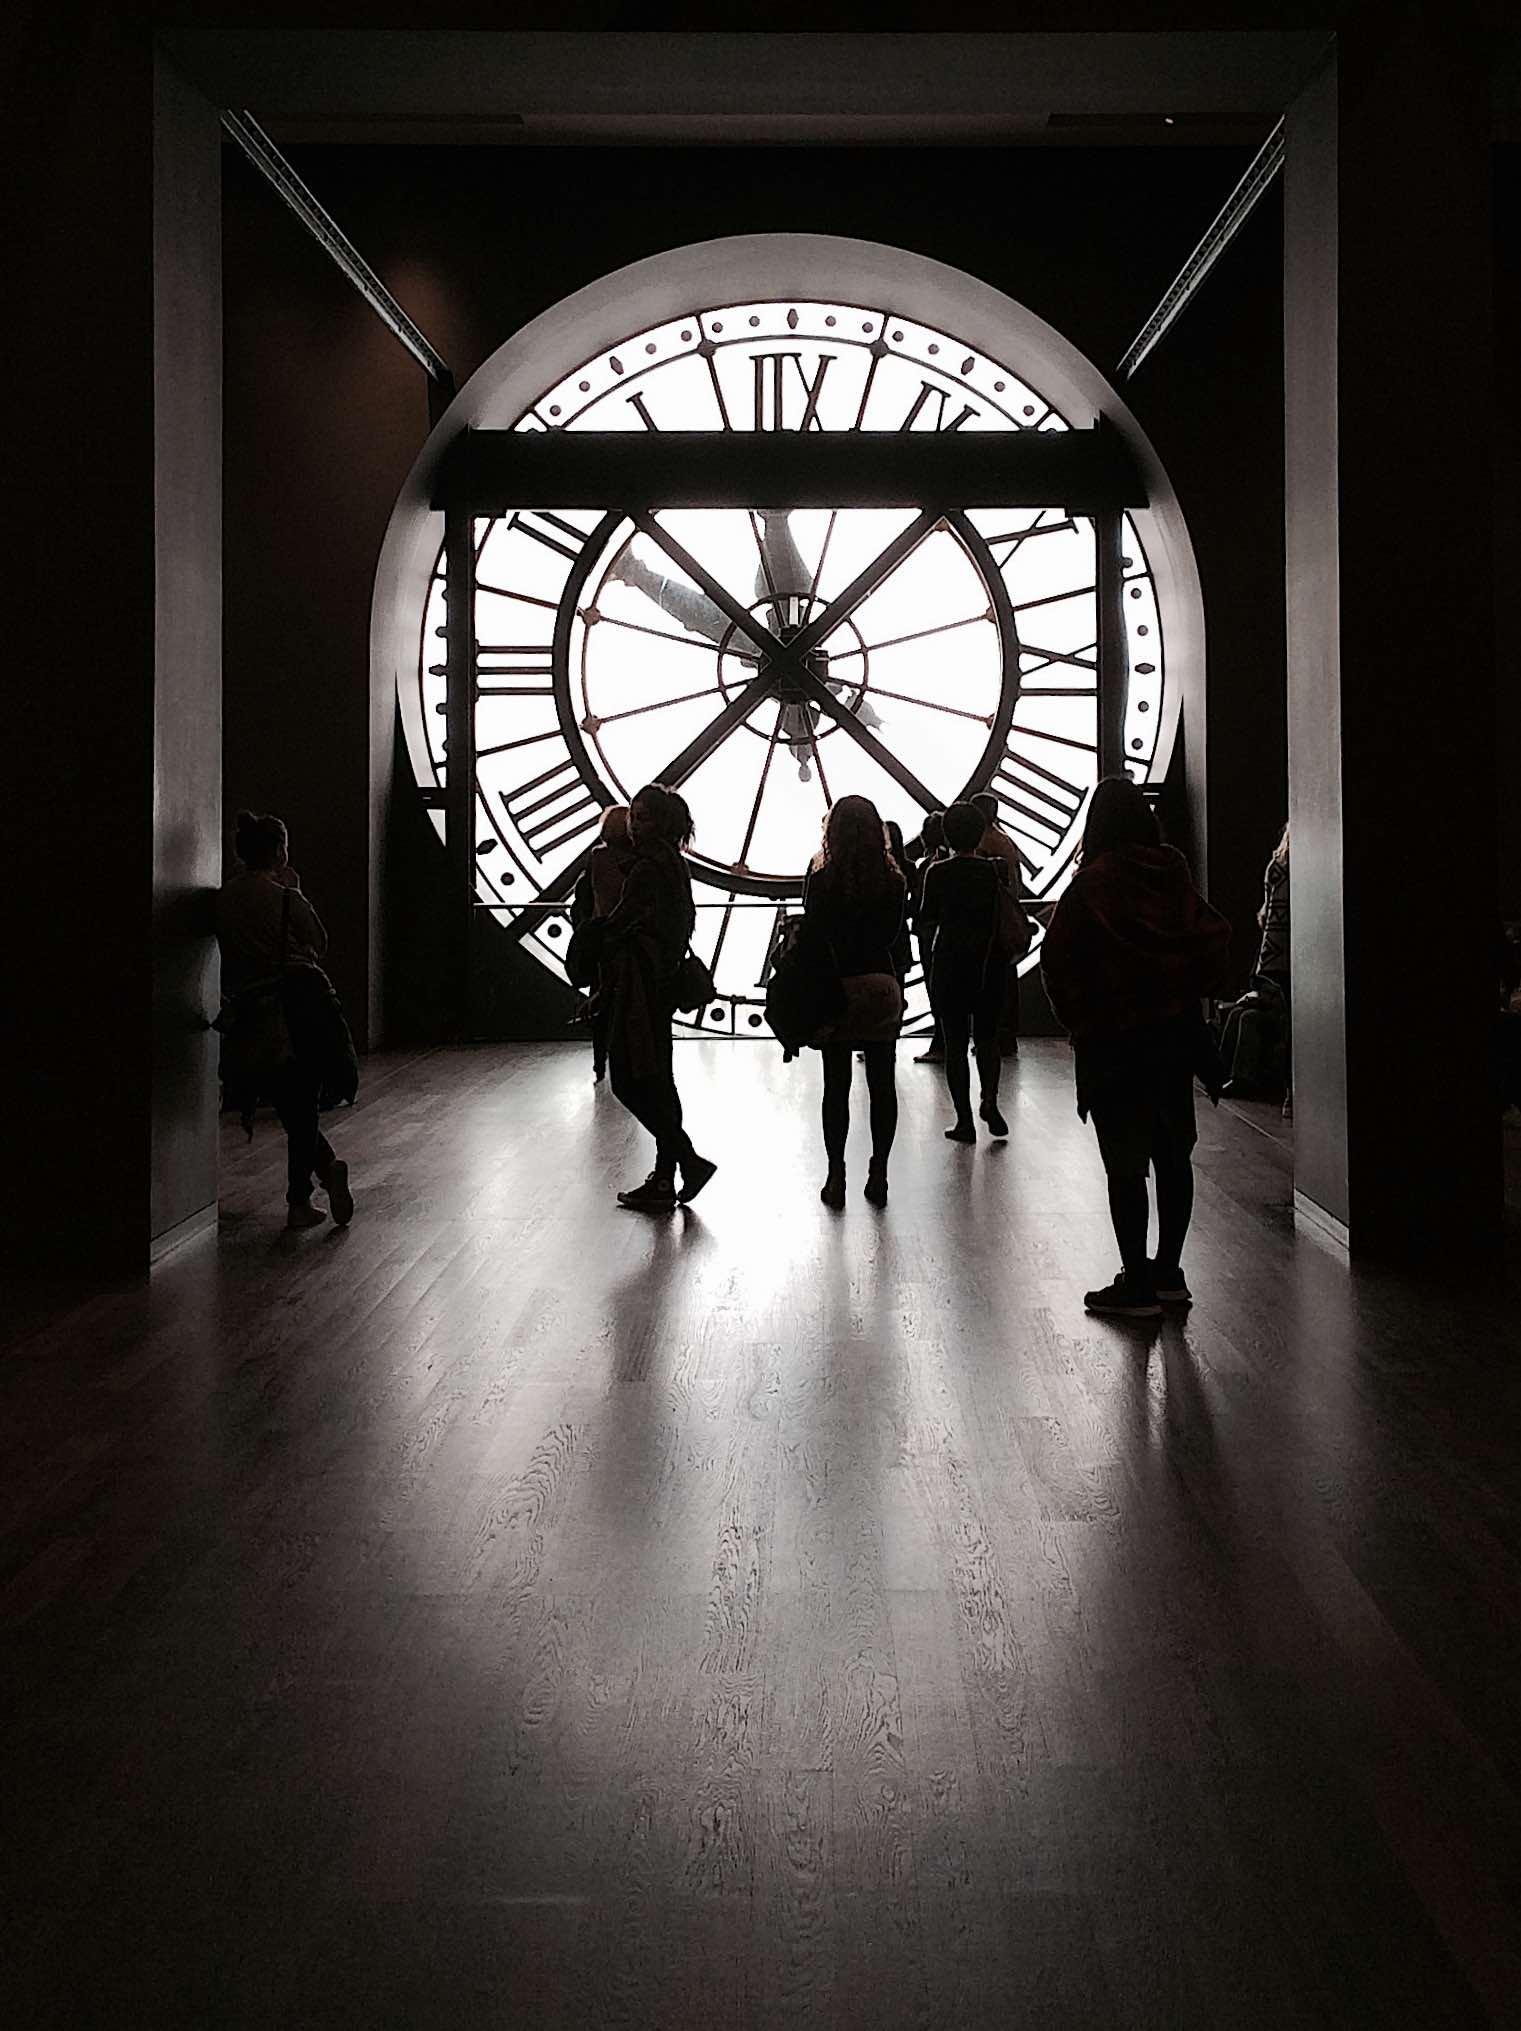 Watching Paris